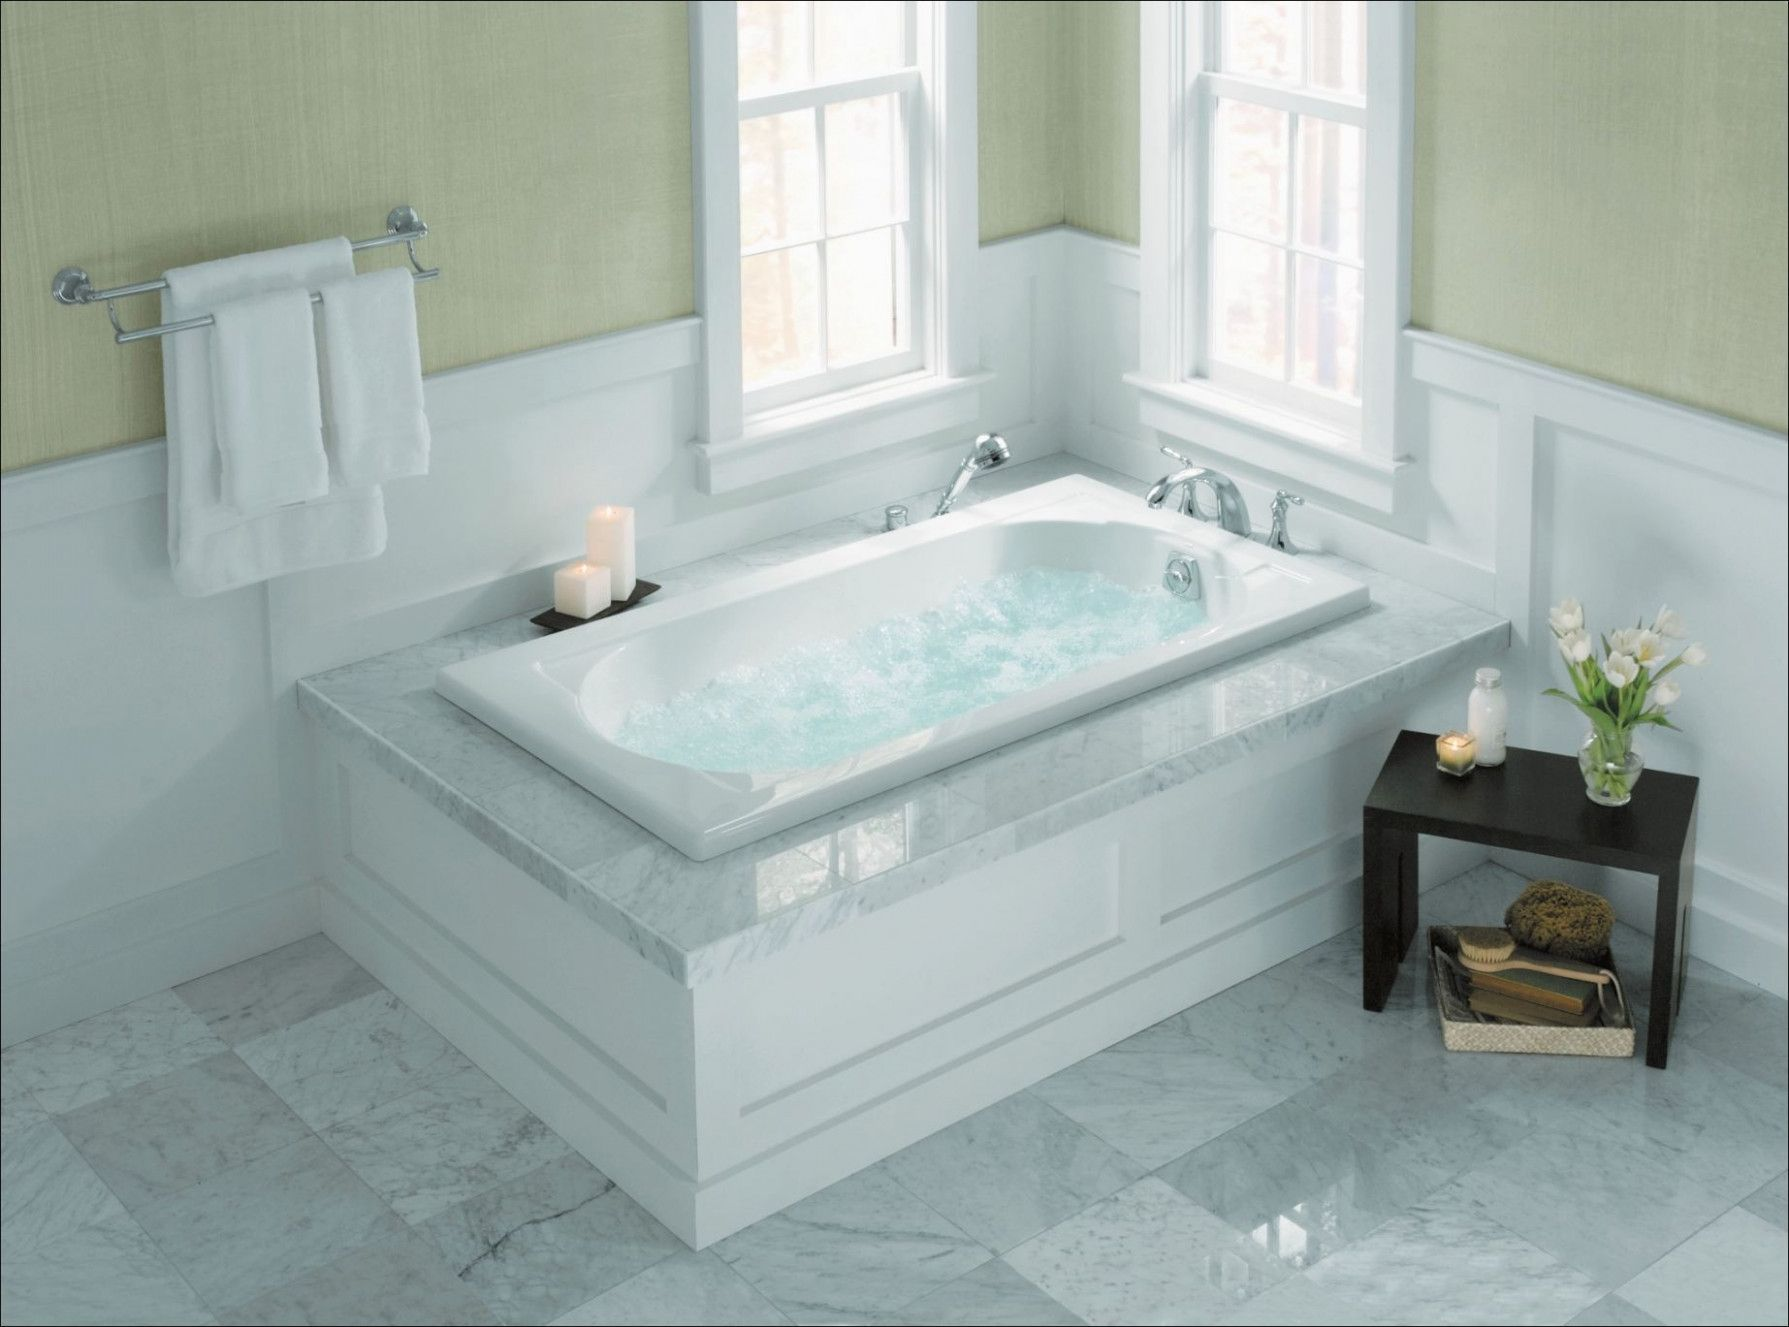 jettedbathtubsforsale | Whirlpool Bathtubs | Pinterest | Bathtubs